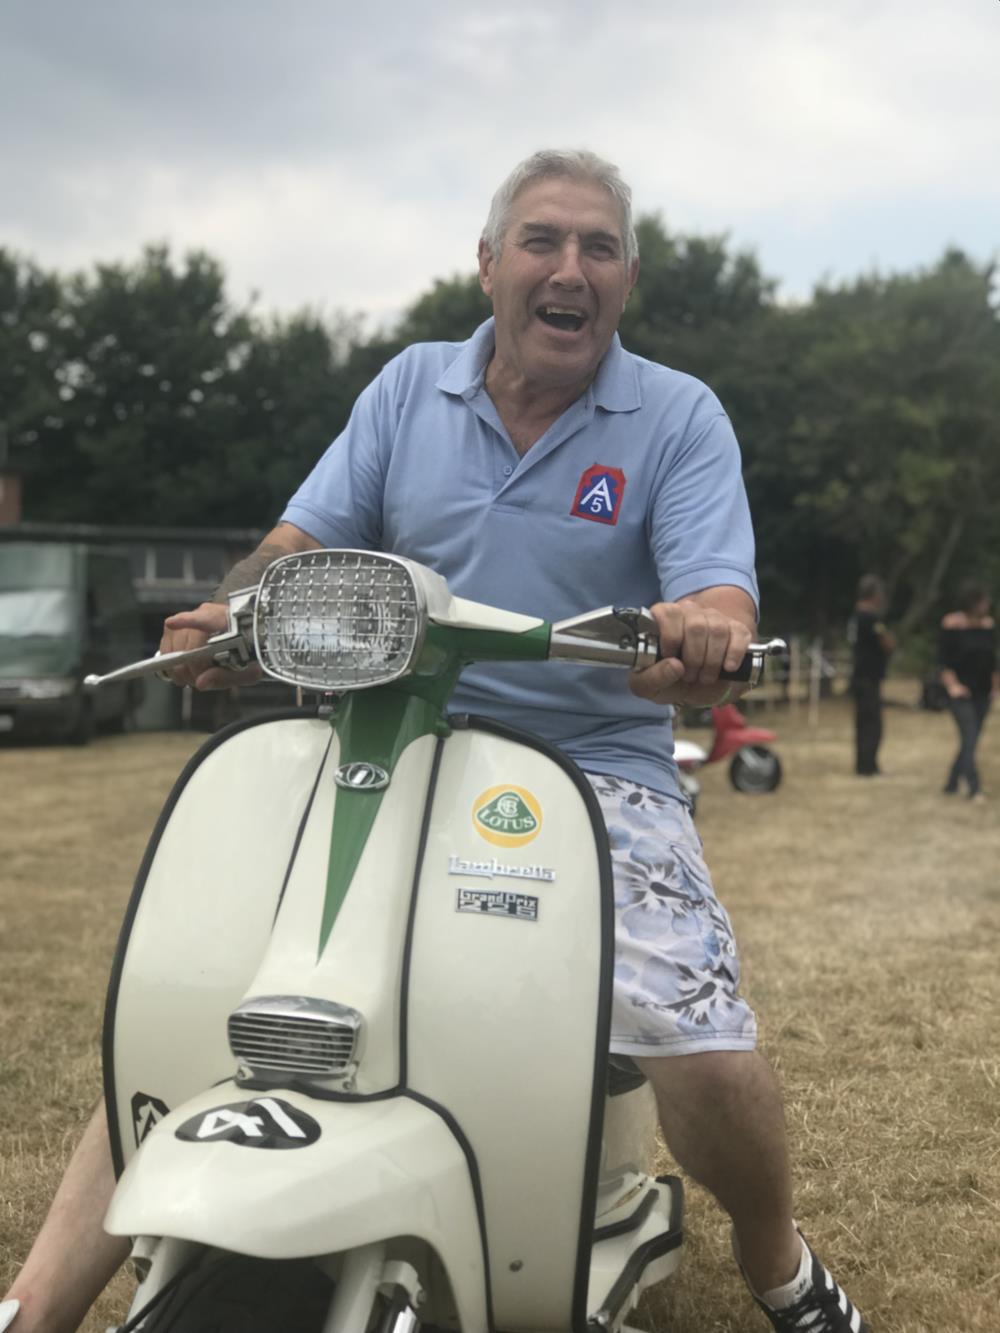 John Barnett on Lotus-themed Lambretta scooter